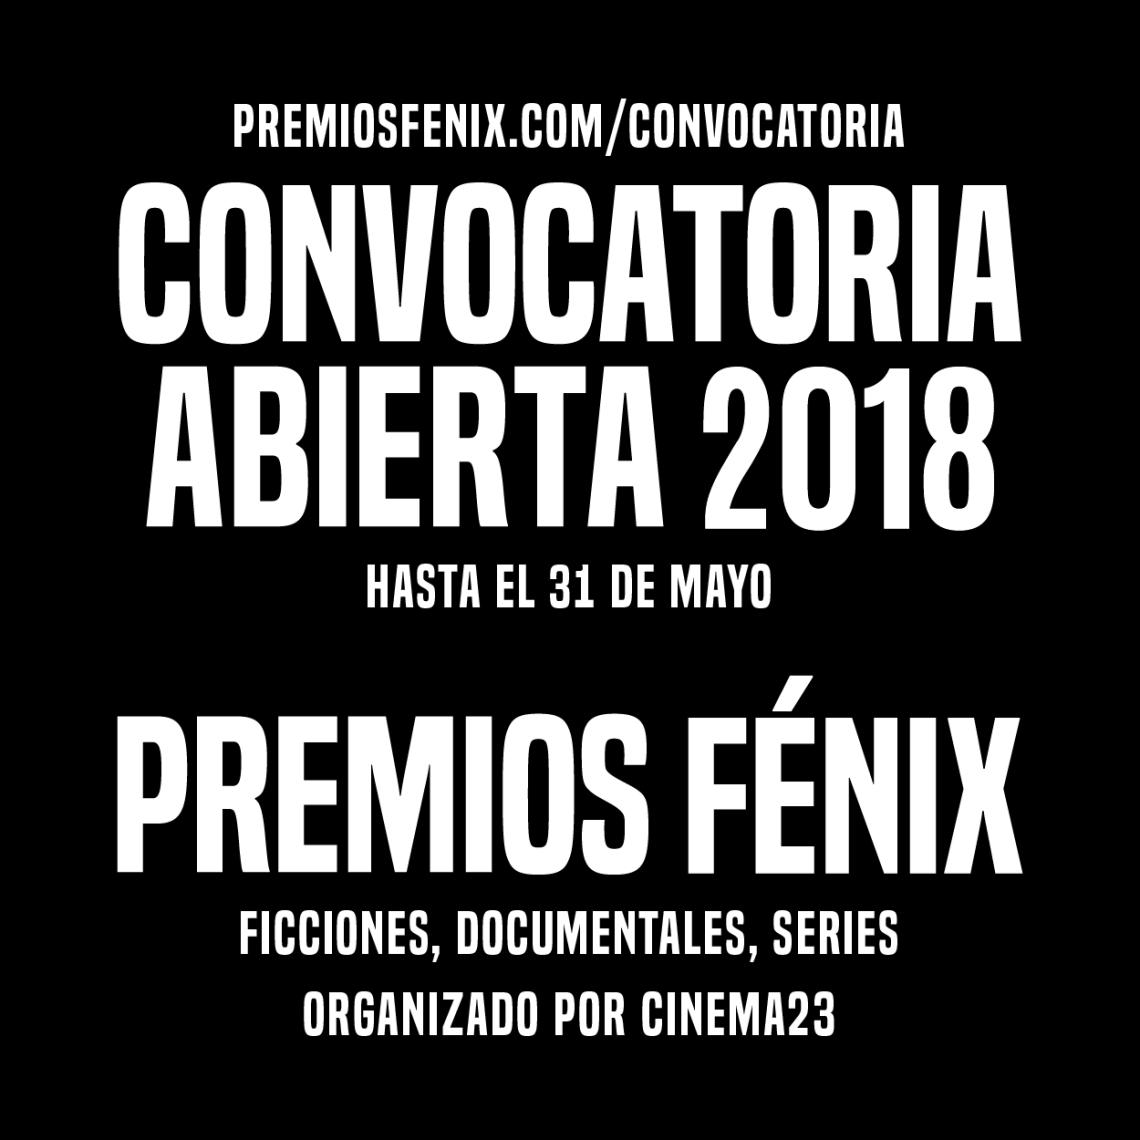 Convocatoria redes 2018 2-03.png